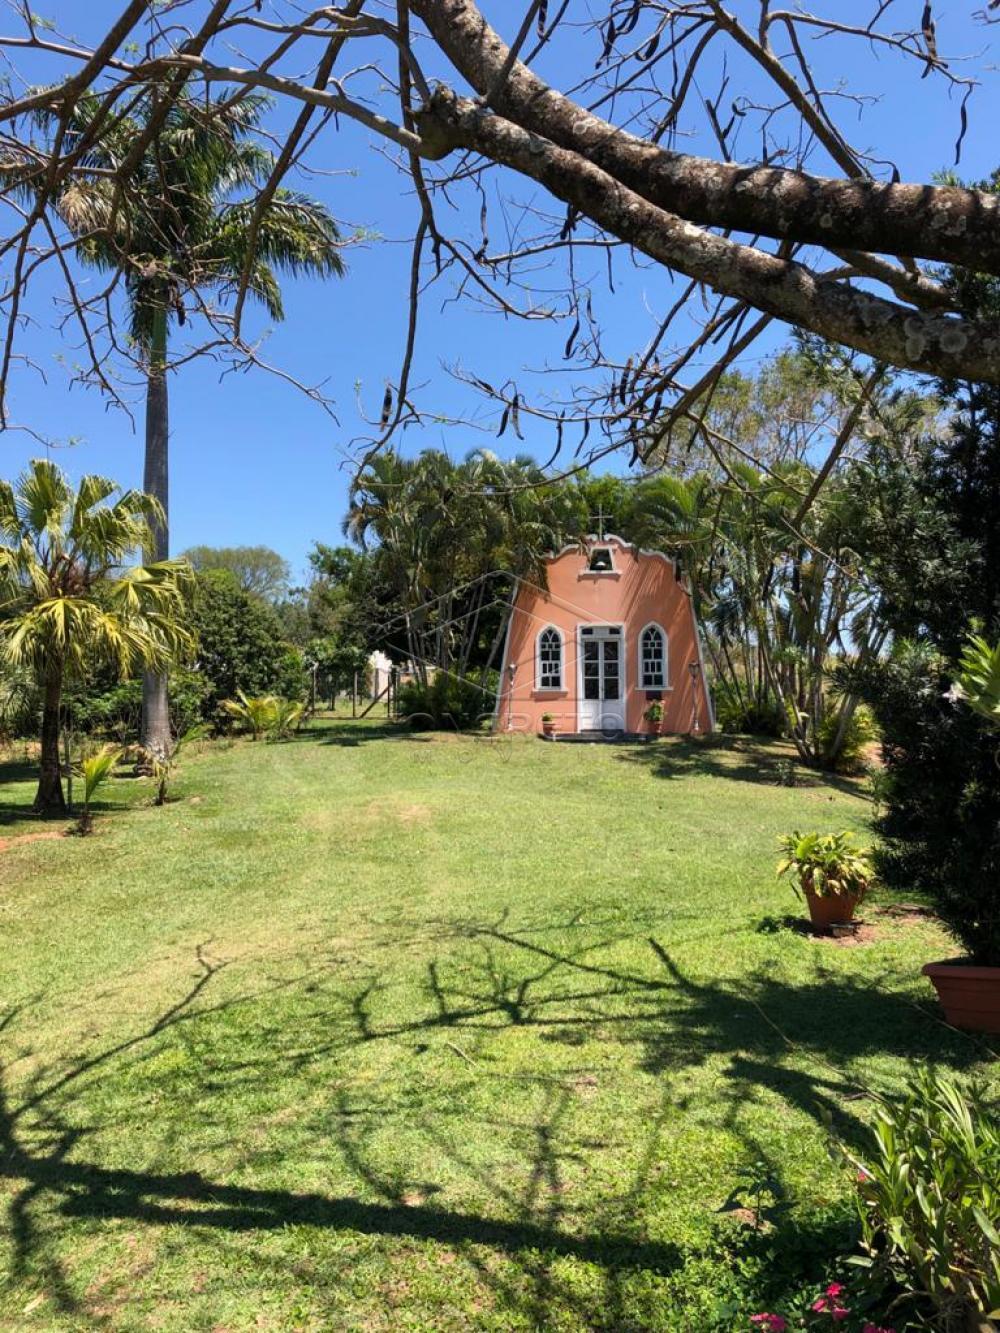 Comprar Rural / Chácara / Fazenda em Duartina apenas R$ 13.000.000,00 - Foto 2